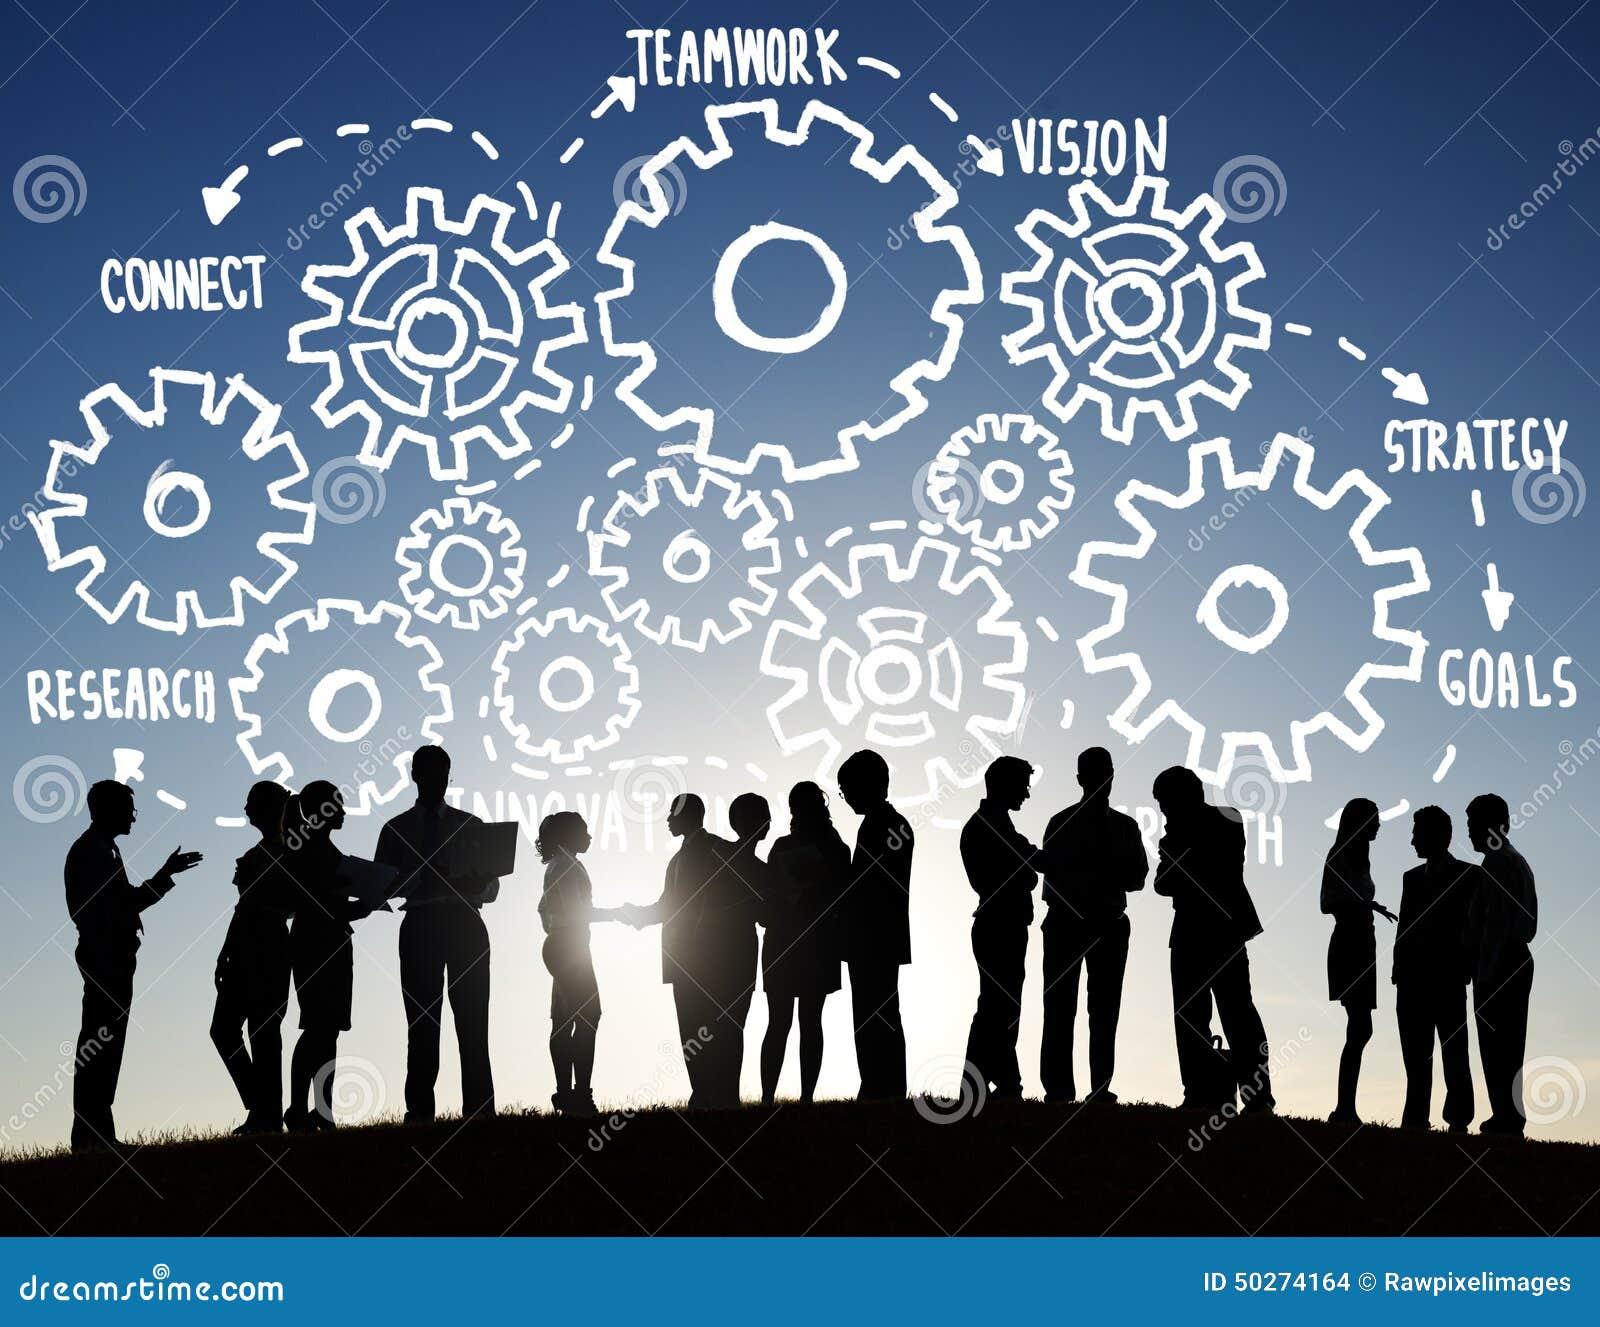 Concept de soutien aux entreprises de Team Teamwork Goals Strategy Vision